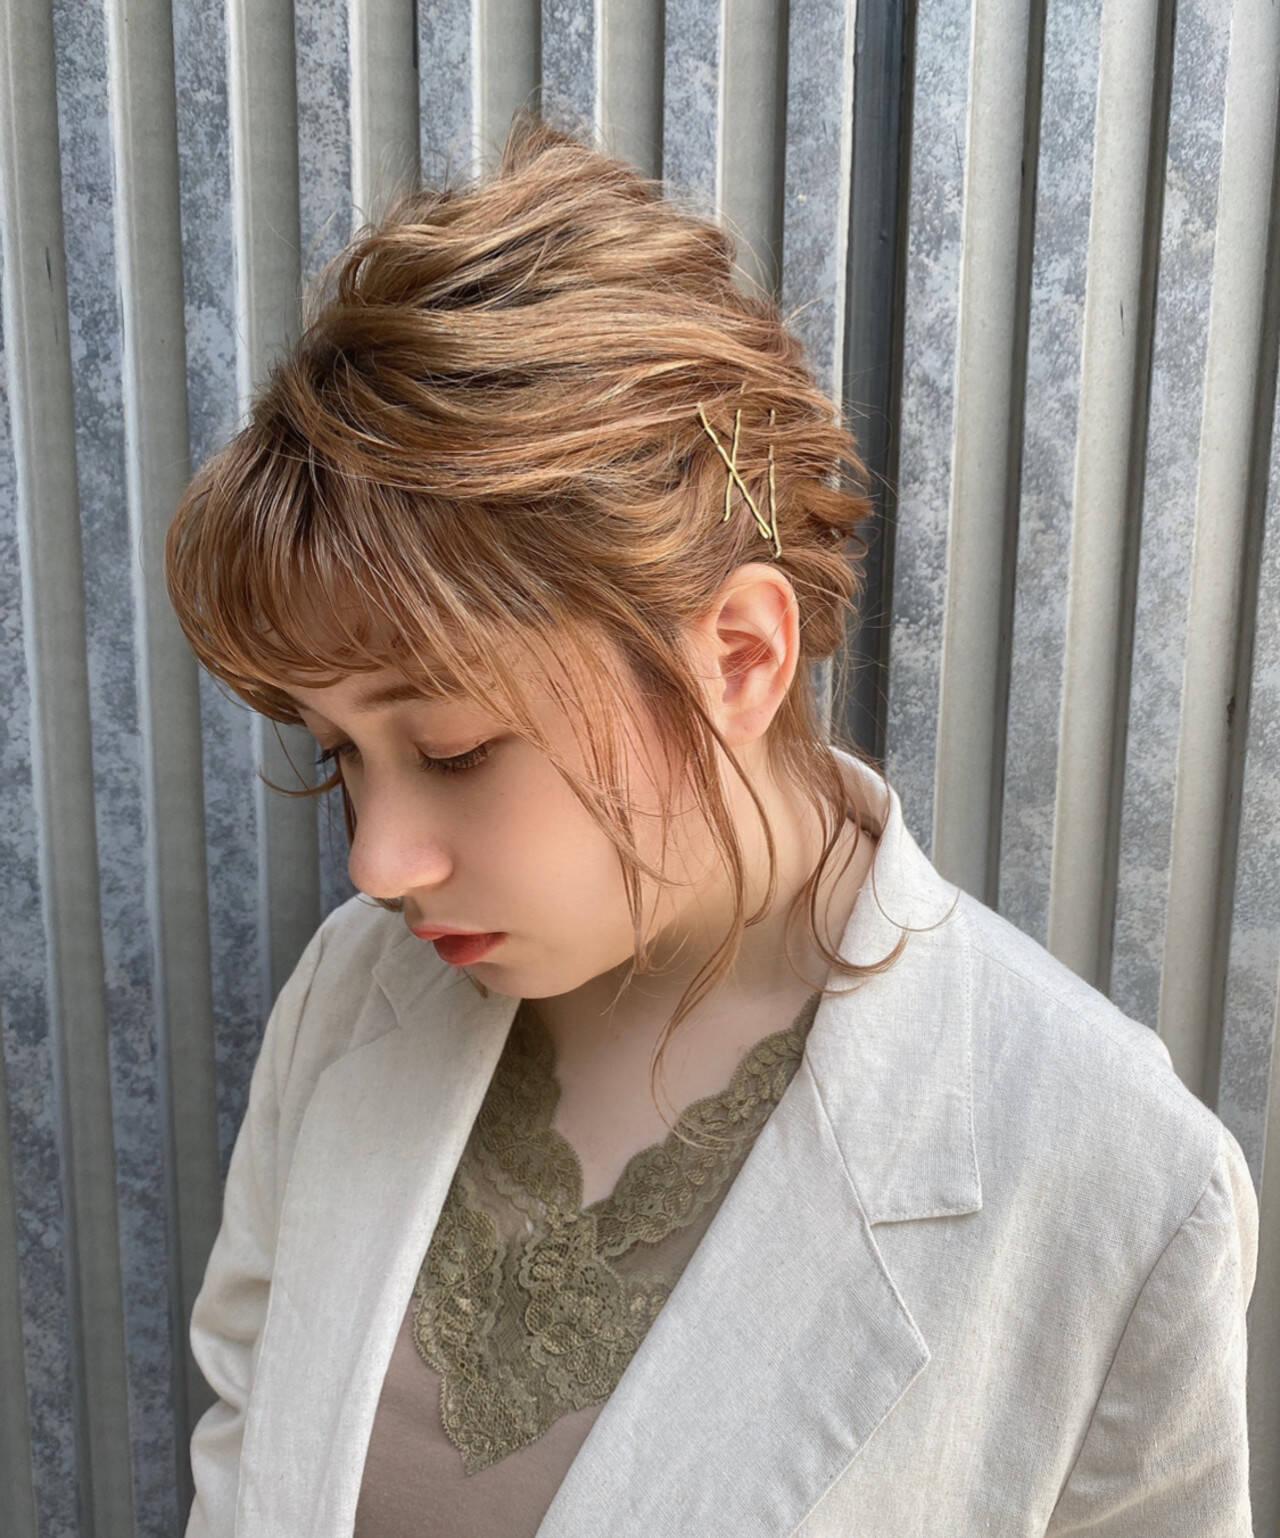 ヘアアレンジ ボブ お出かけヘア 簡単ヘアアレンジヘアスタイルや髪型の写真・画像